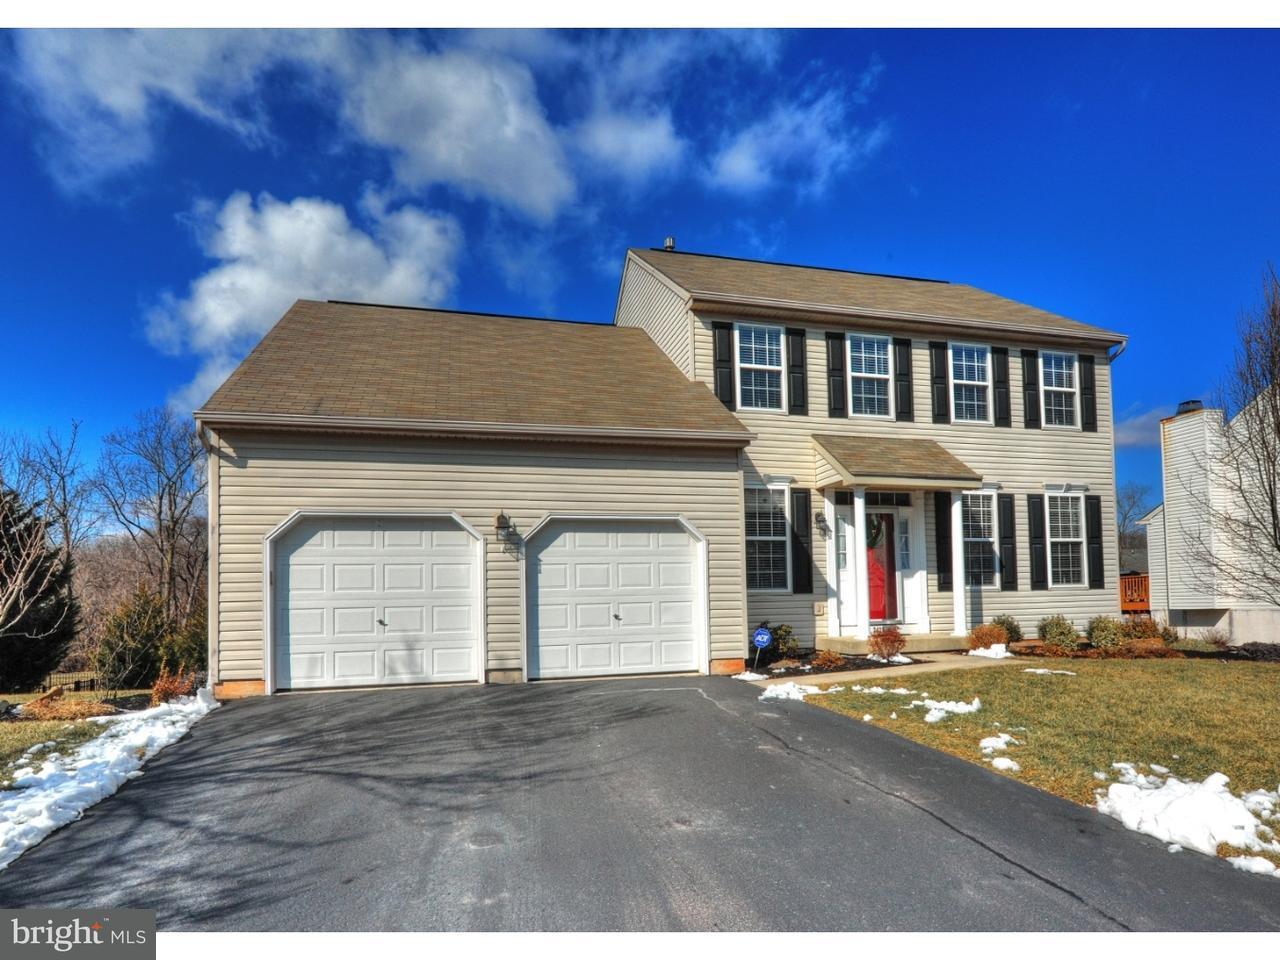 단독 가정 주택 용 매매 에 2426 ROSEWOOD Trail Linfield, 펜실바니아 19468 미국